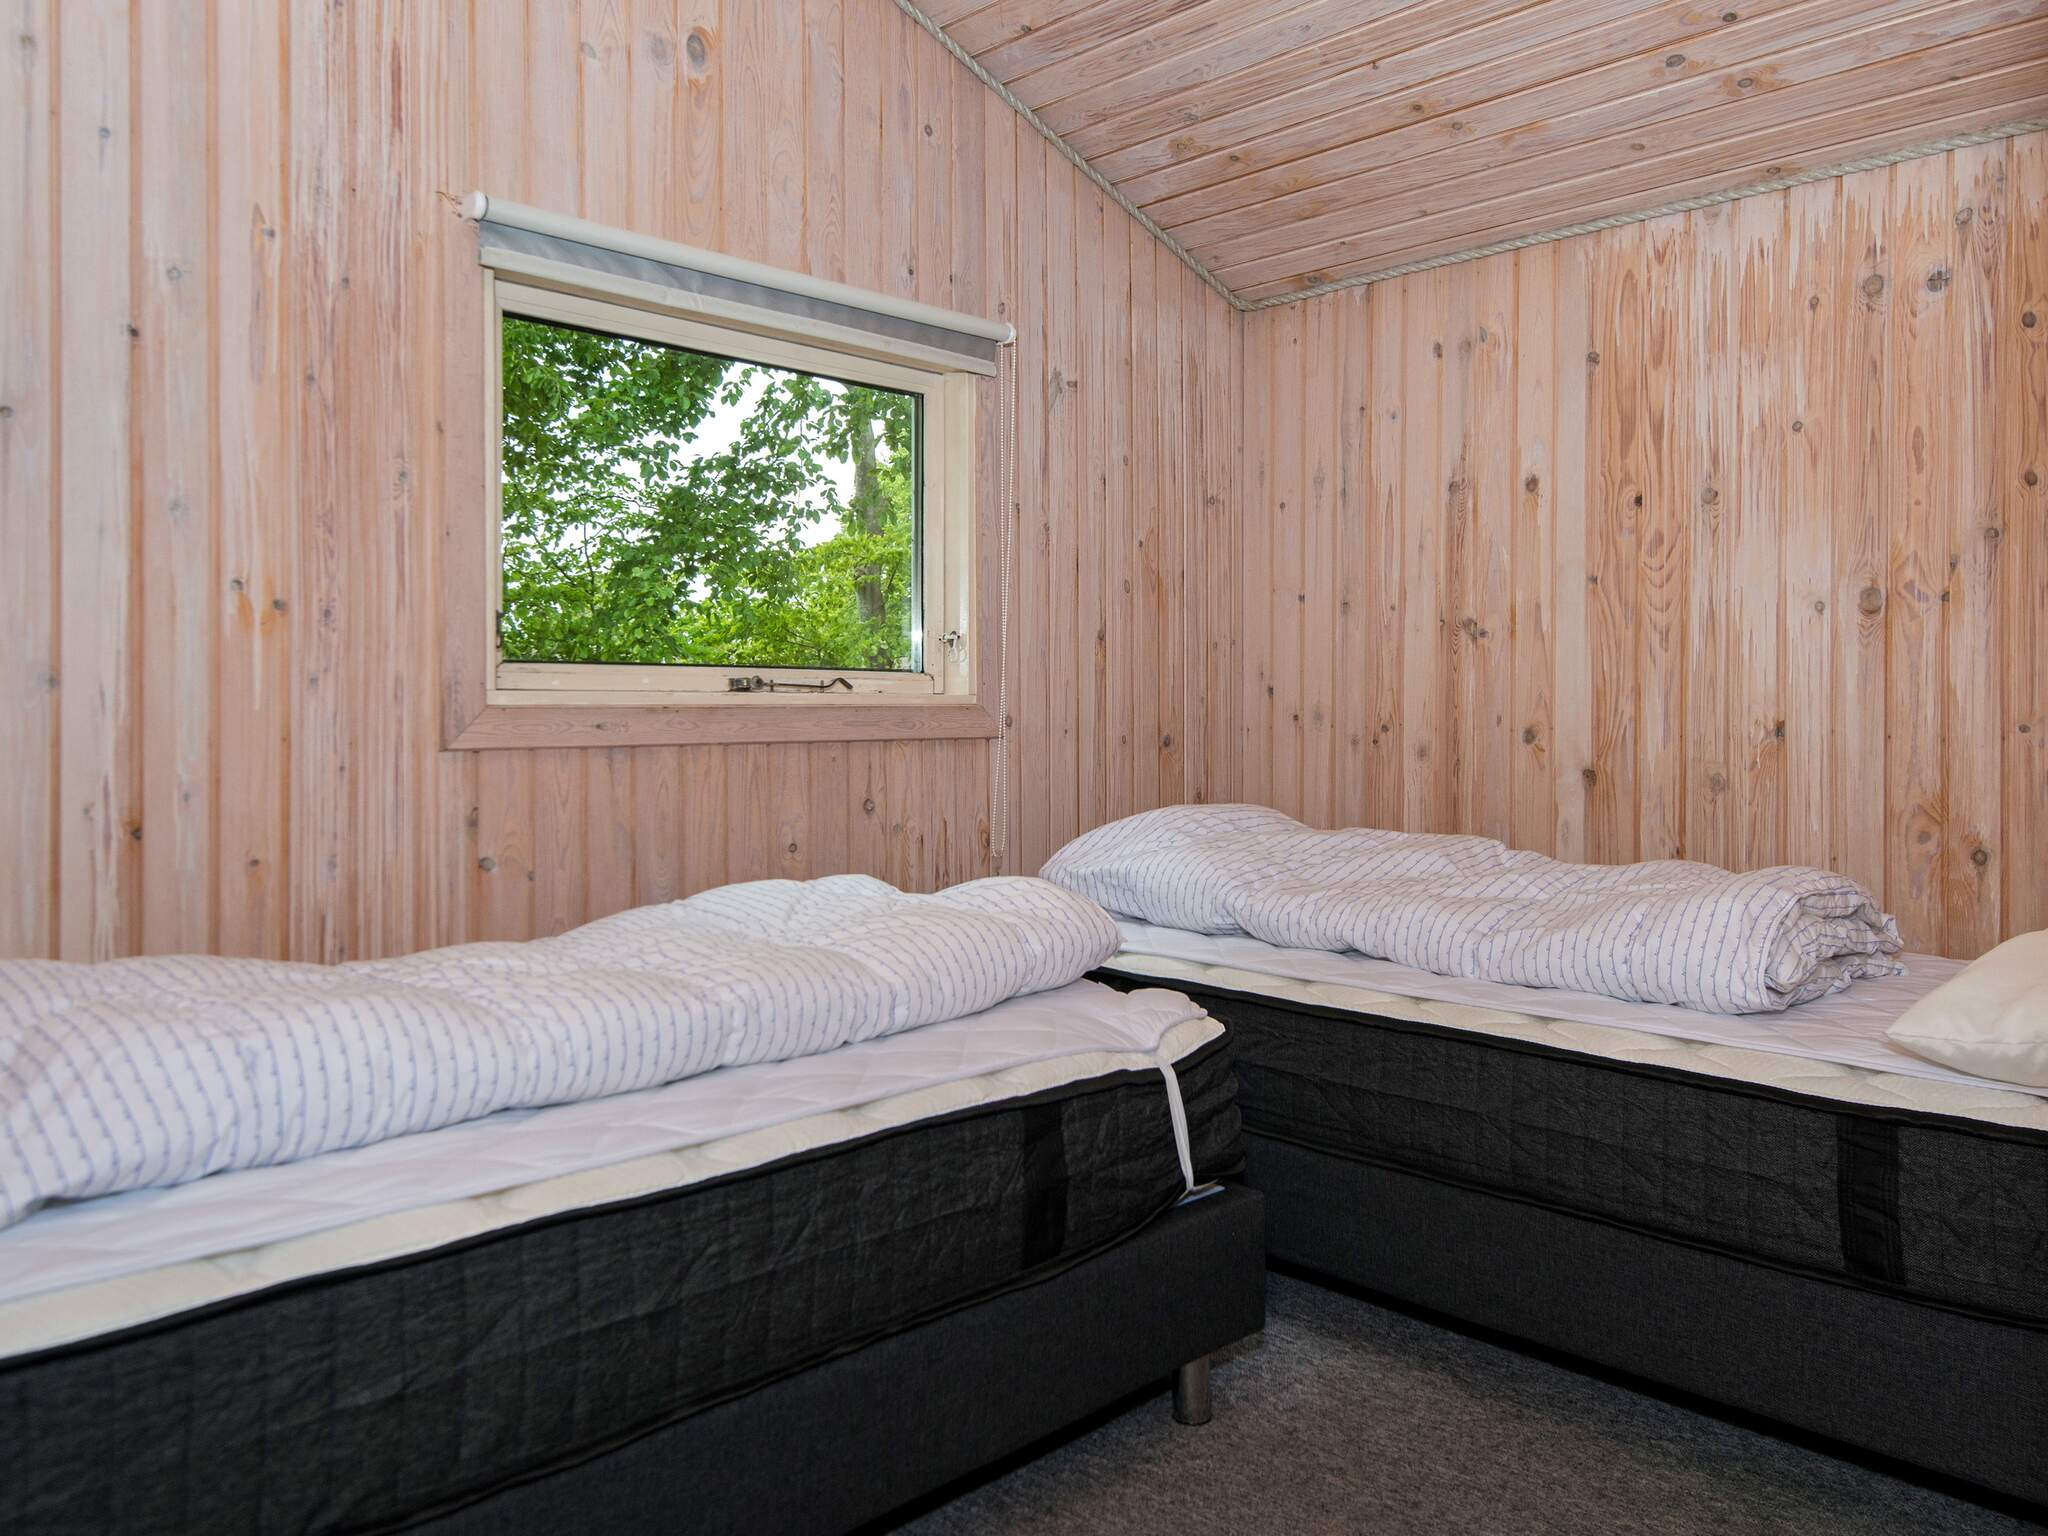 Ferienhaus Arrild (442397), Arrild, , Südjütland, Dänemark, Bild 15